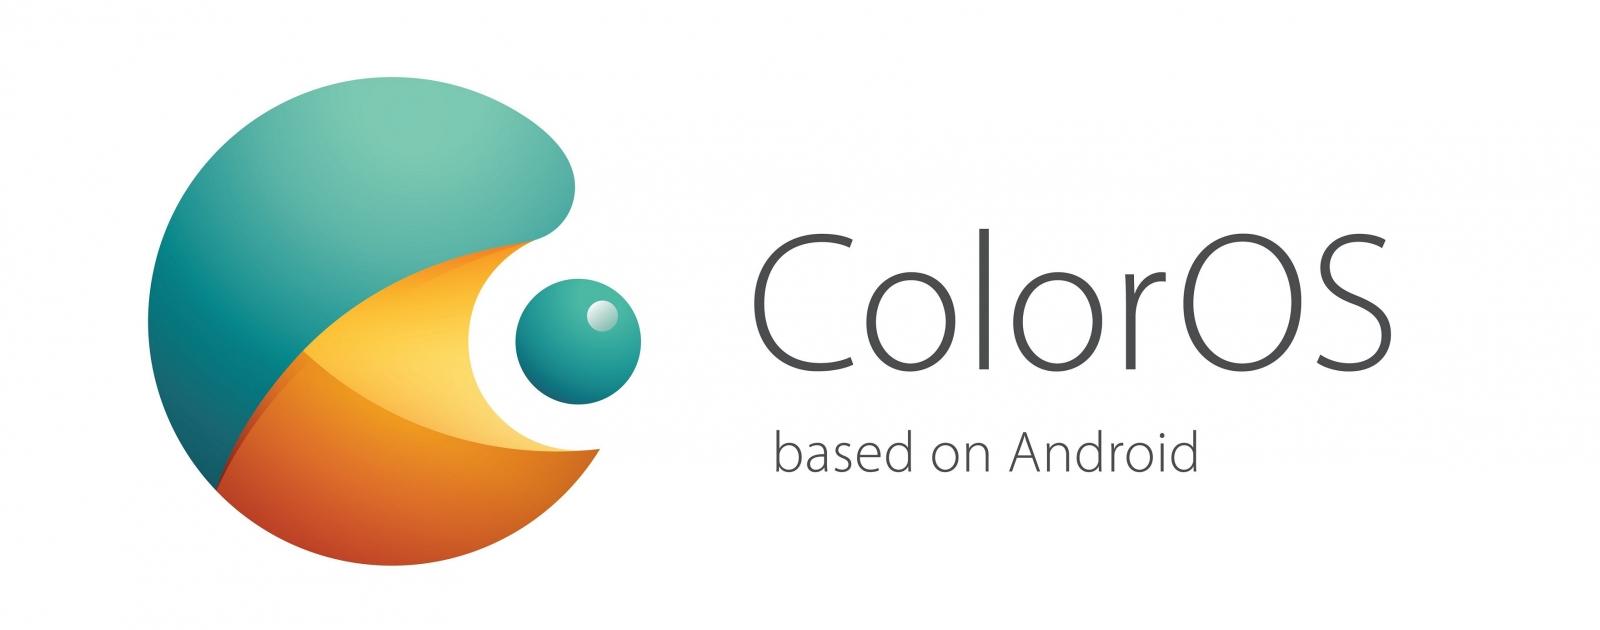 [PR] แต่งแต้มสีสันใหม่ ให้กับสมาร์ทโฟนด้วย ColorOS